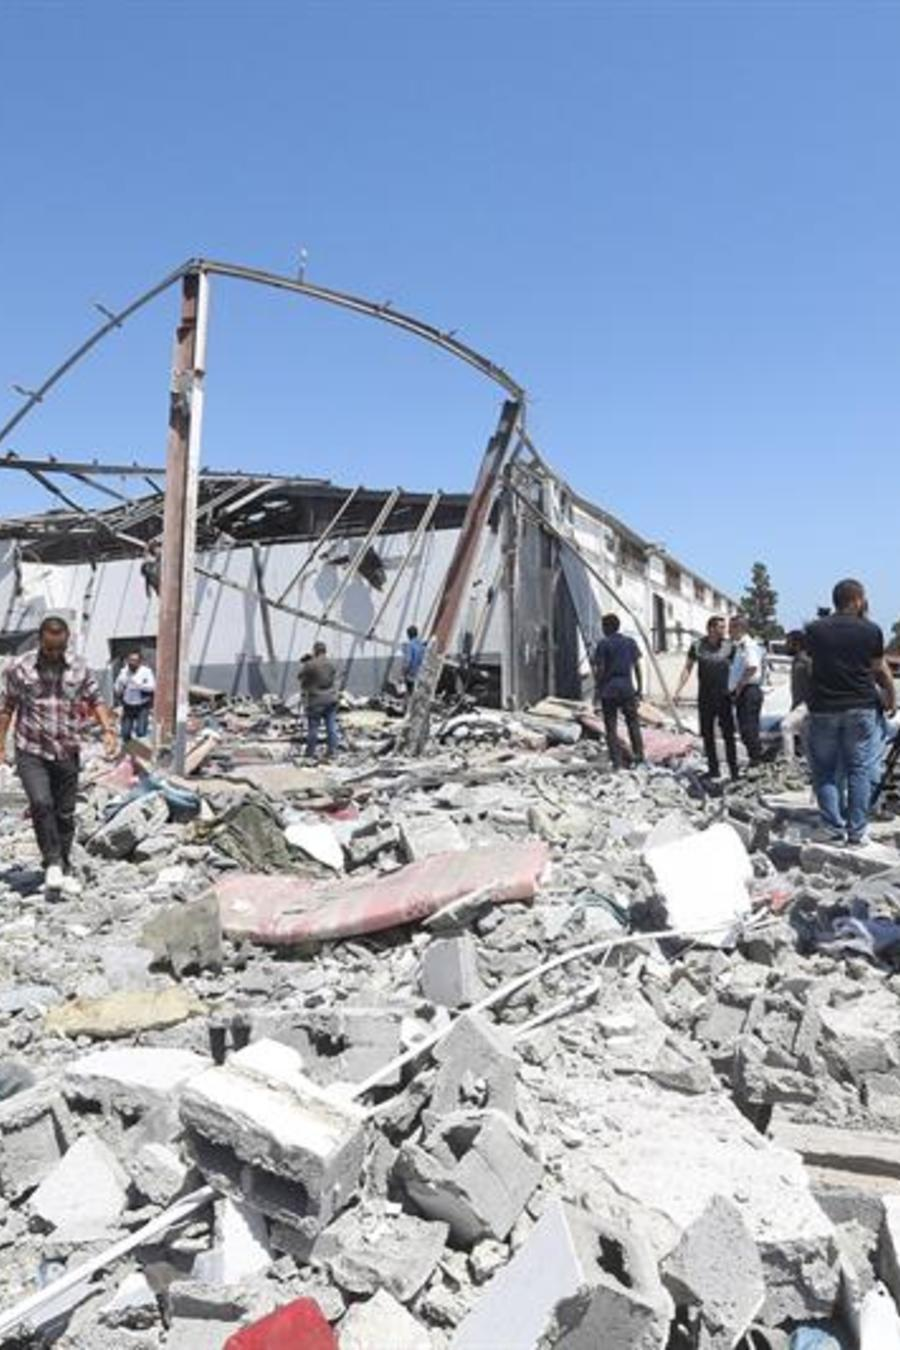 Escombros en el centro de detención para migrantes de Tajoura (LIbia) tras el bombardeo que lo golpeó.